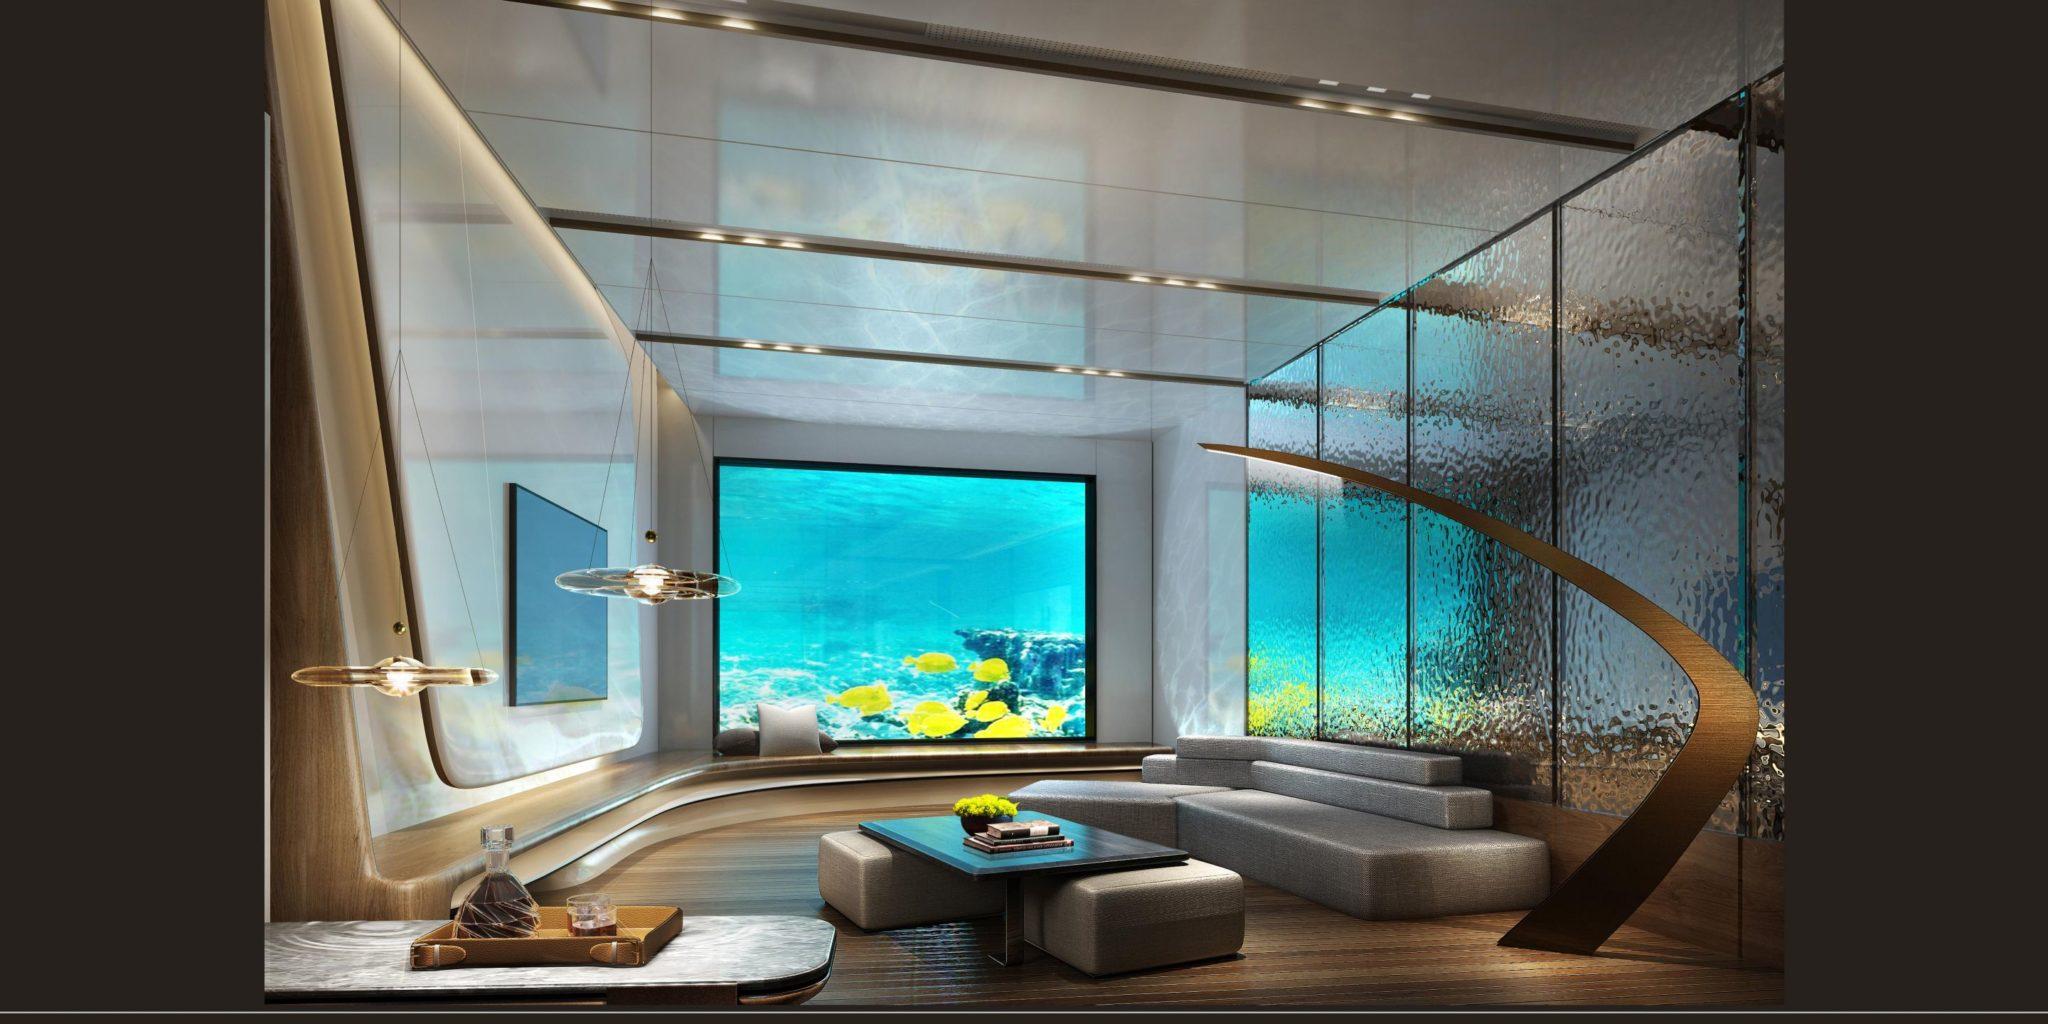 Podwodna sala z widokiem na akwarium